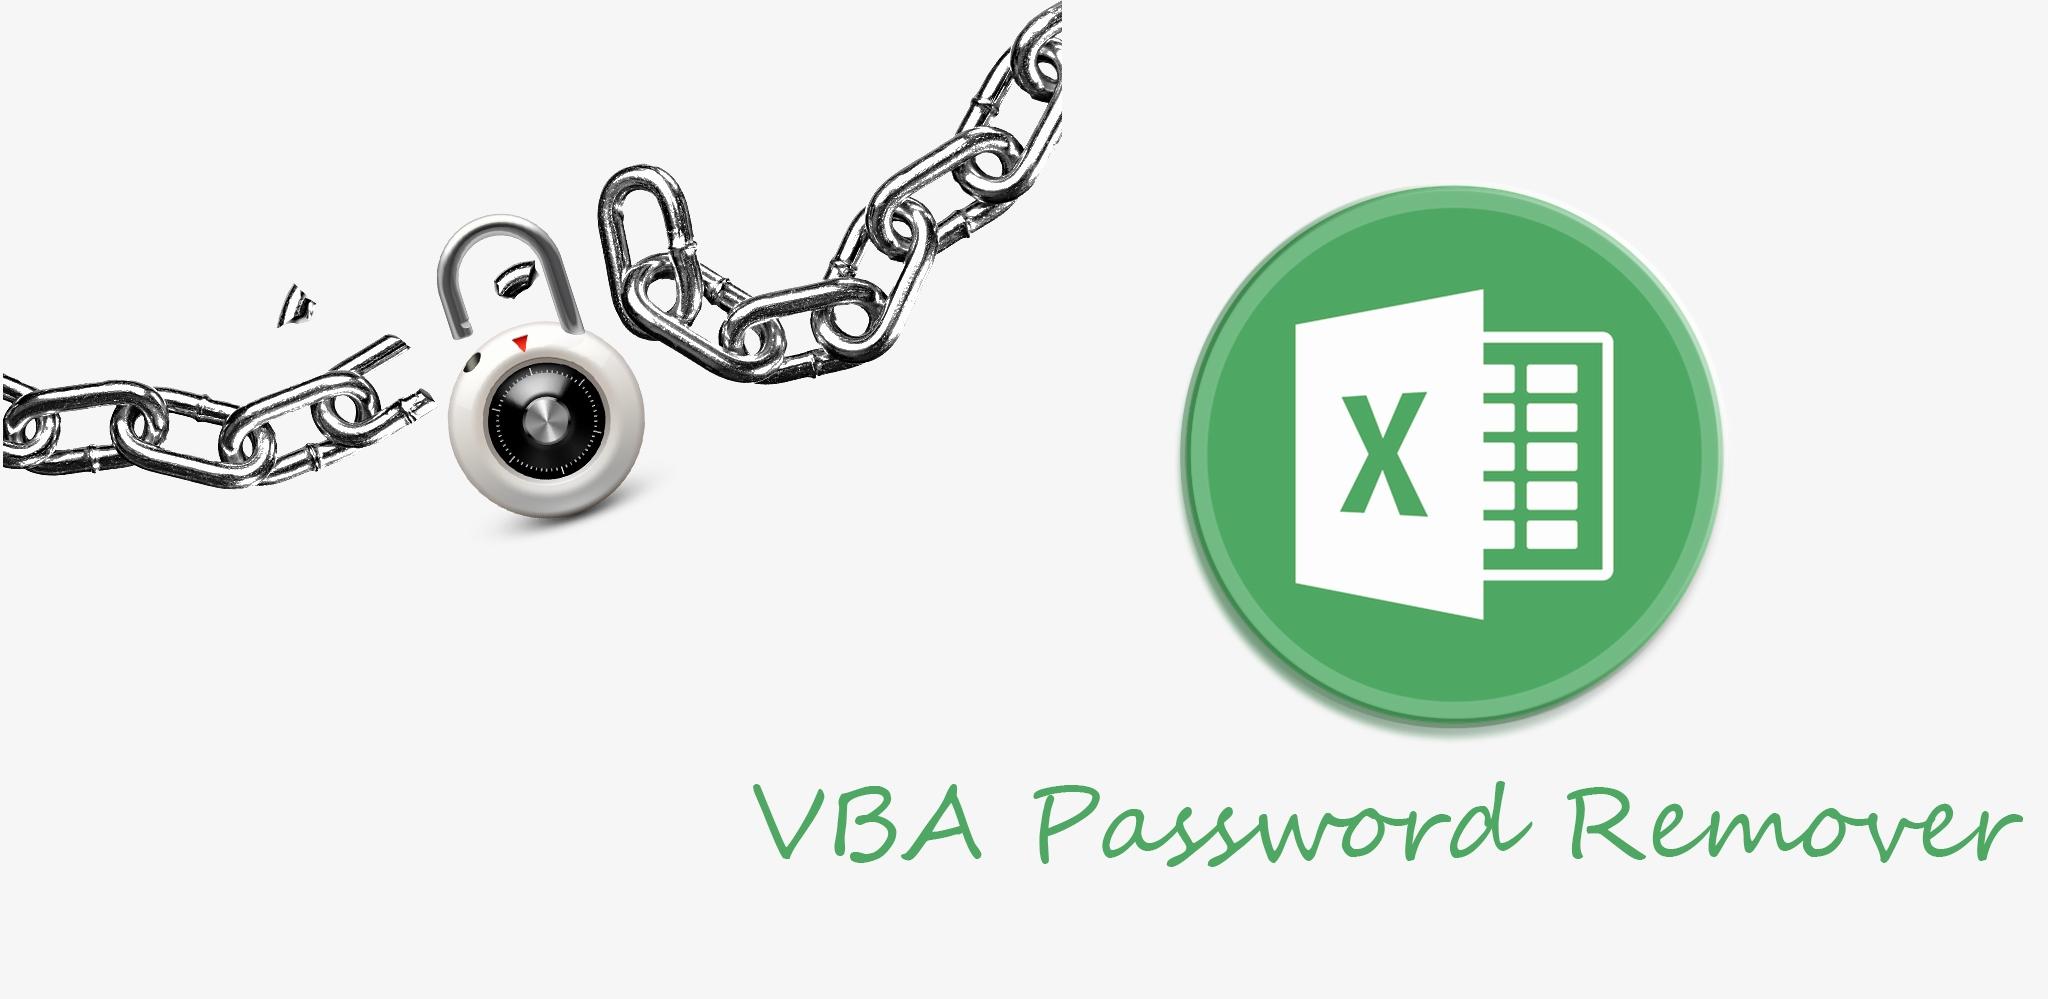 excel 2010 crack vba password